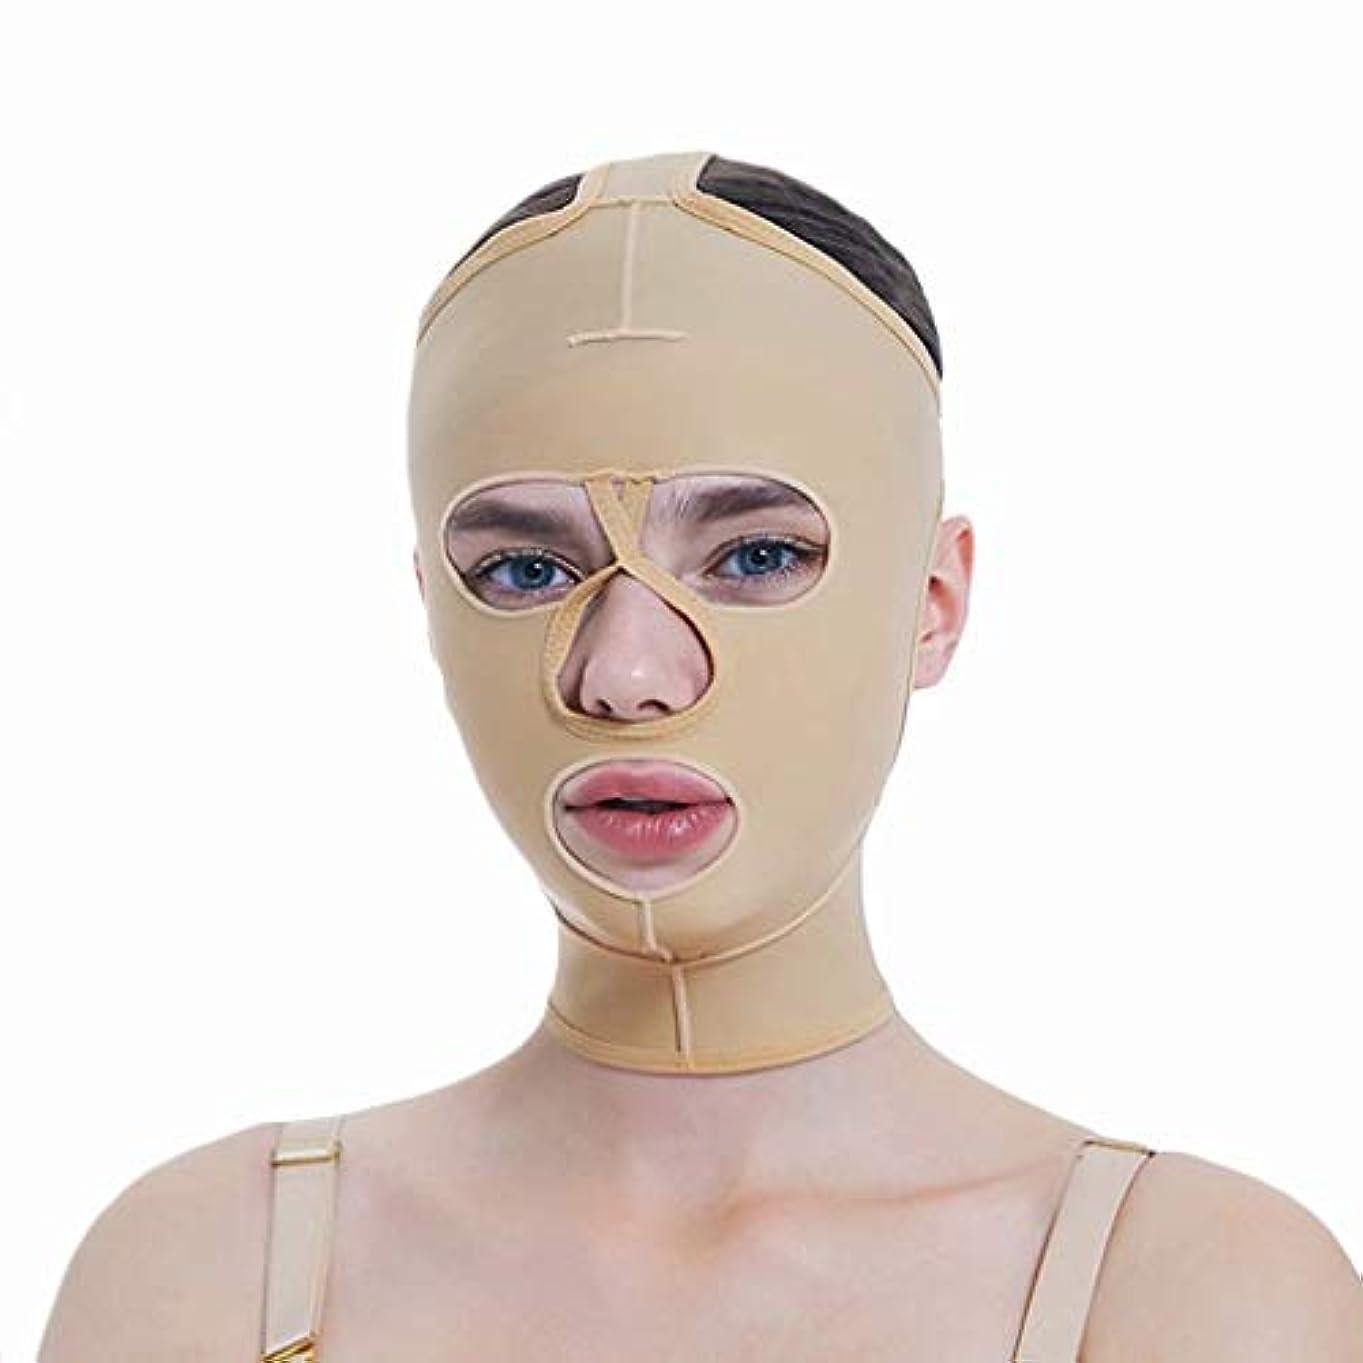 オゾン囲い好むフェイシャル減量マスク、フルカバレッジ包帯、フルフェイスリフティングマスク、フェイスマスク、快適で リフティングシェーピング(サイズ:S),ザ?